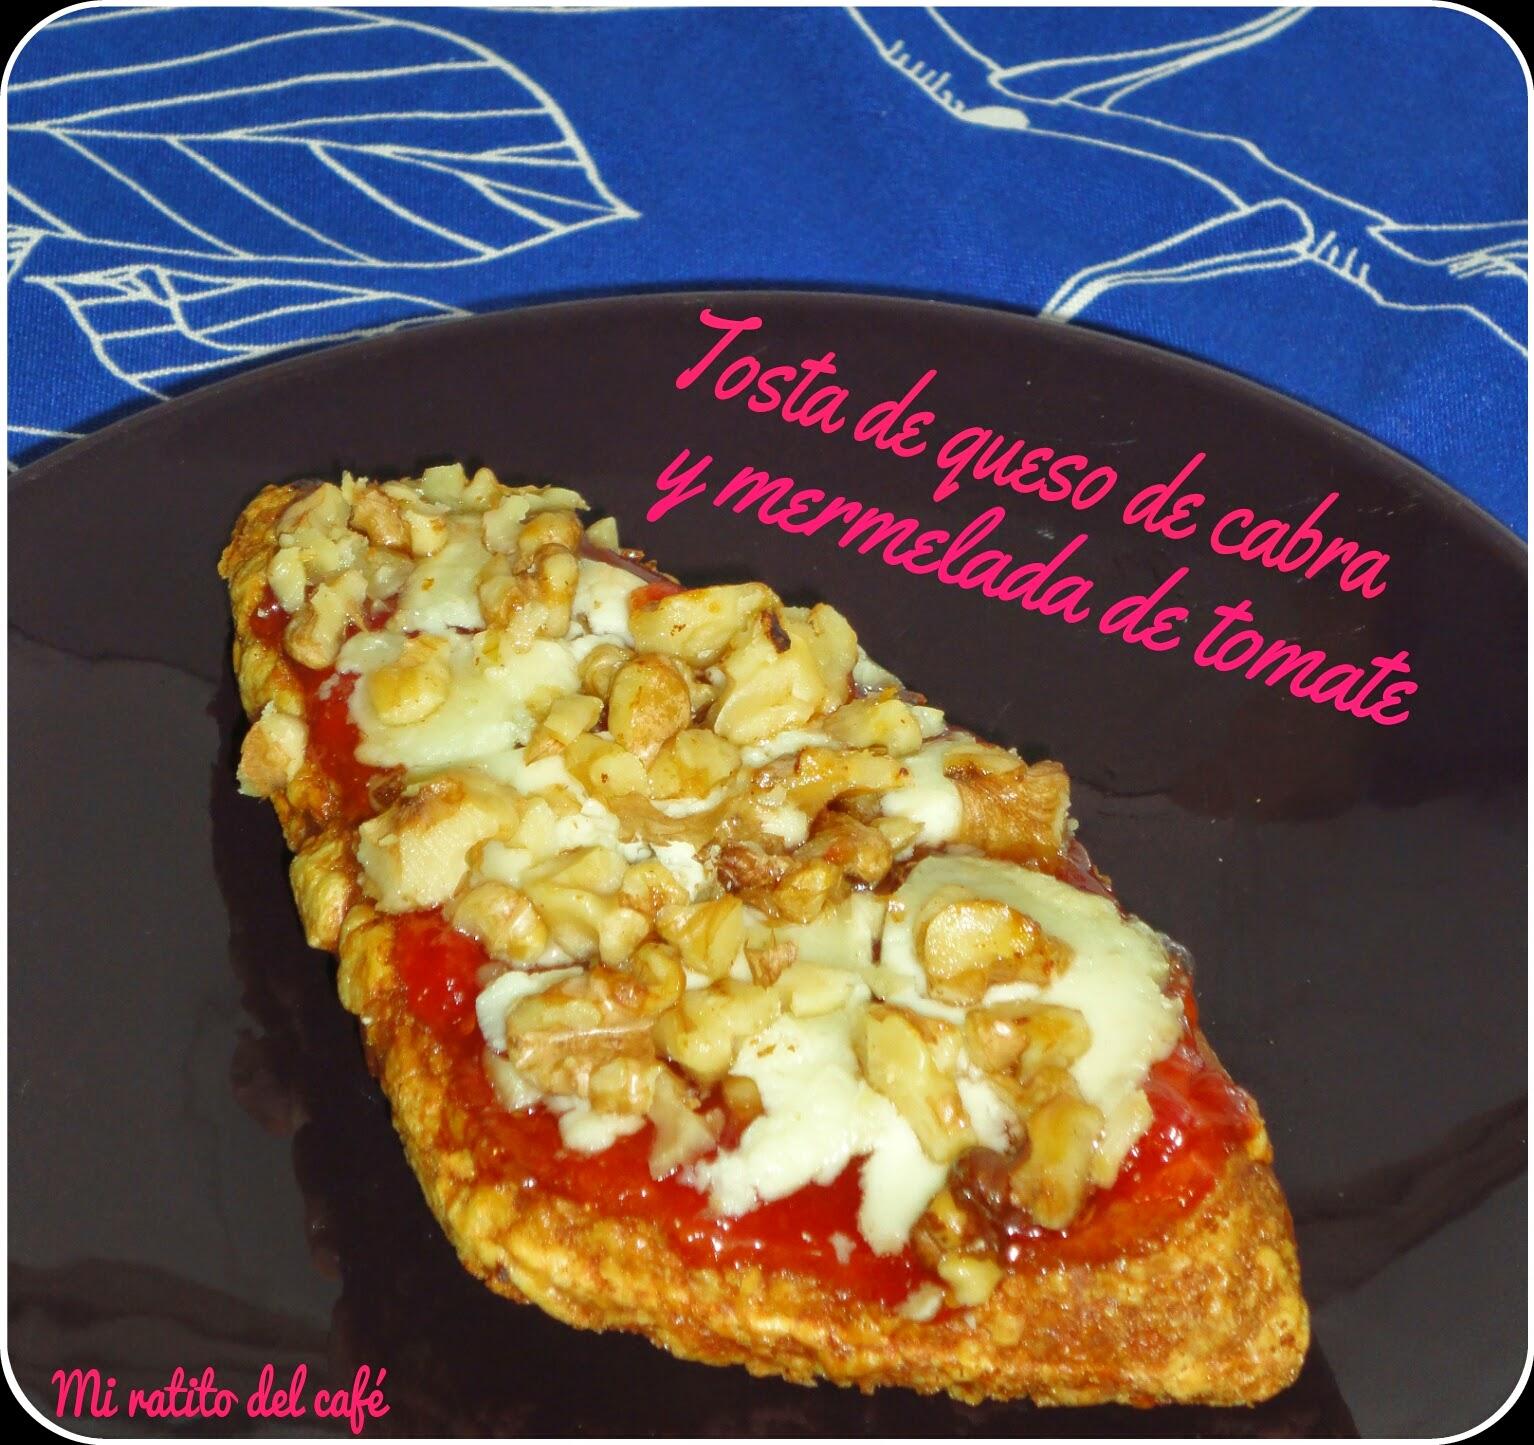 Tosta de queso de cabra y mermelada de tomate